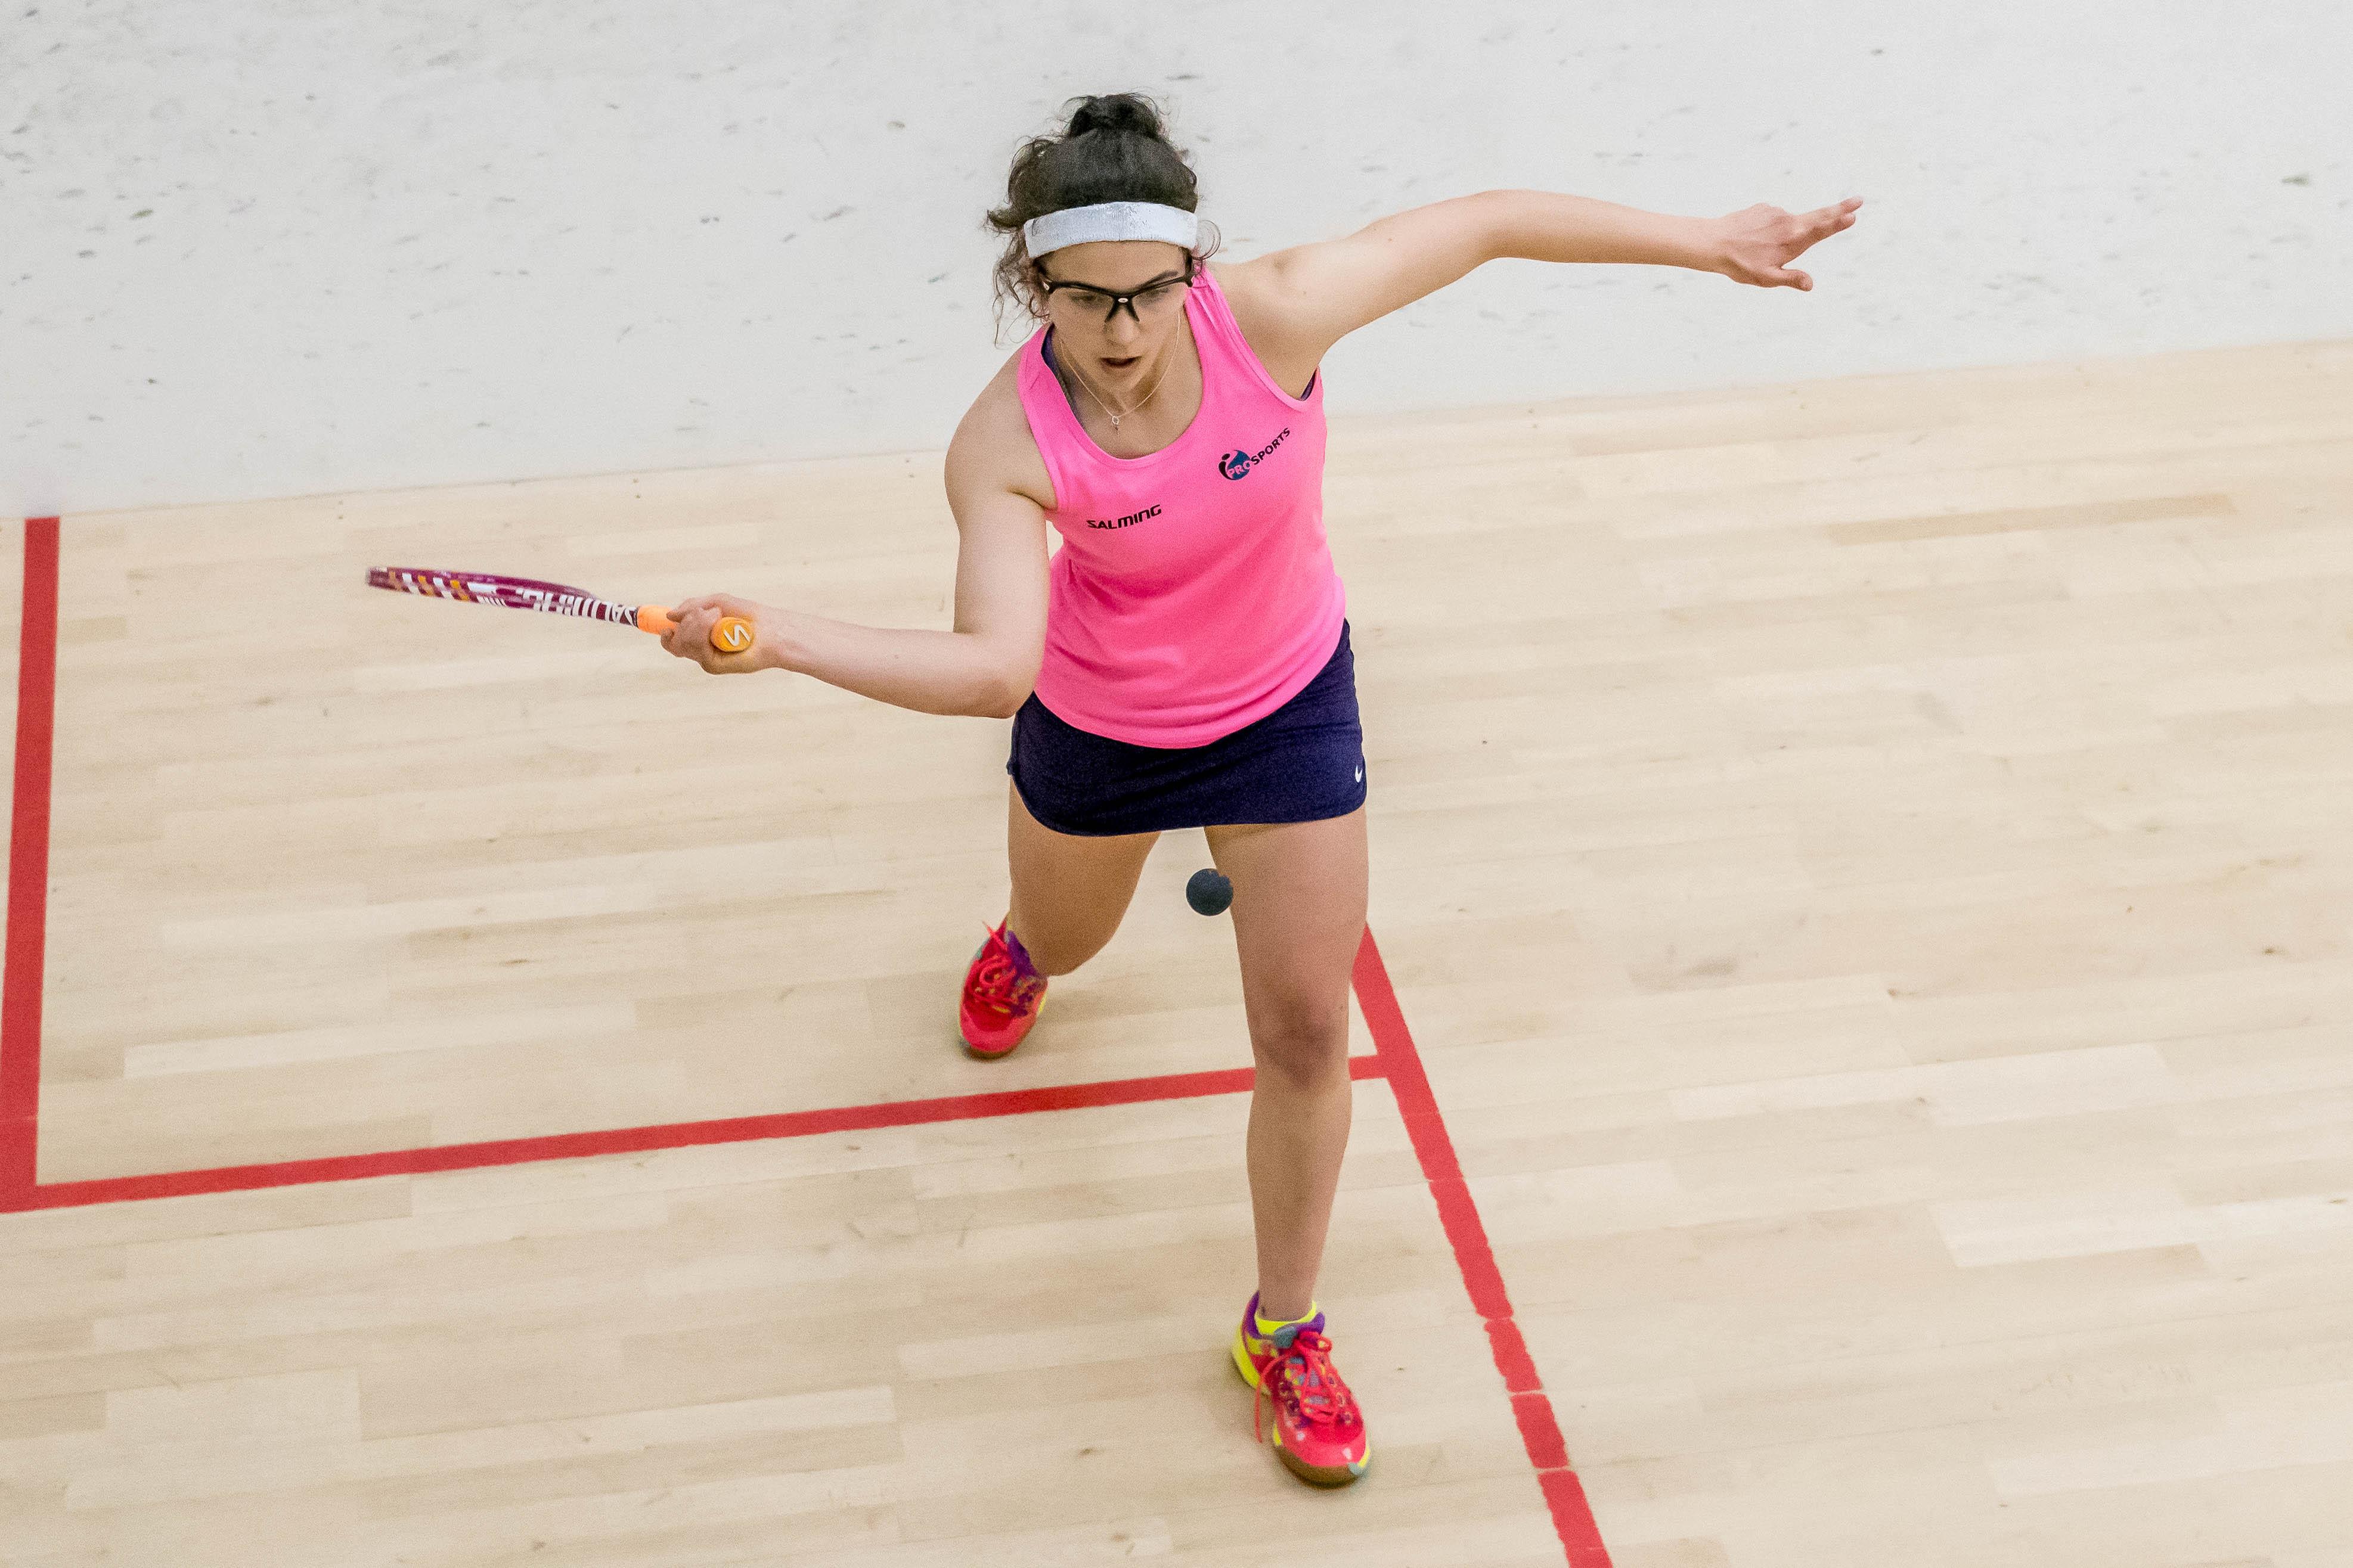 Blog 45: Choosing squash